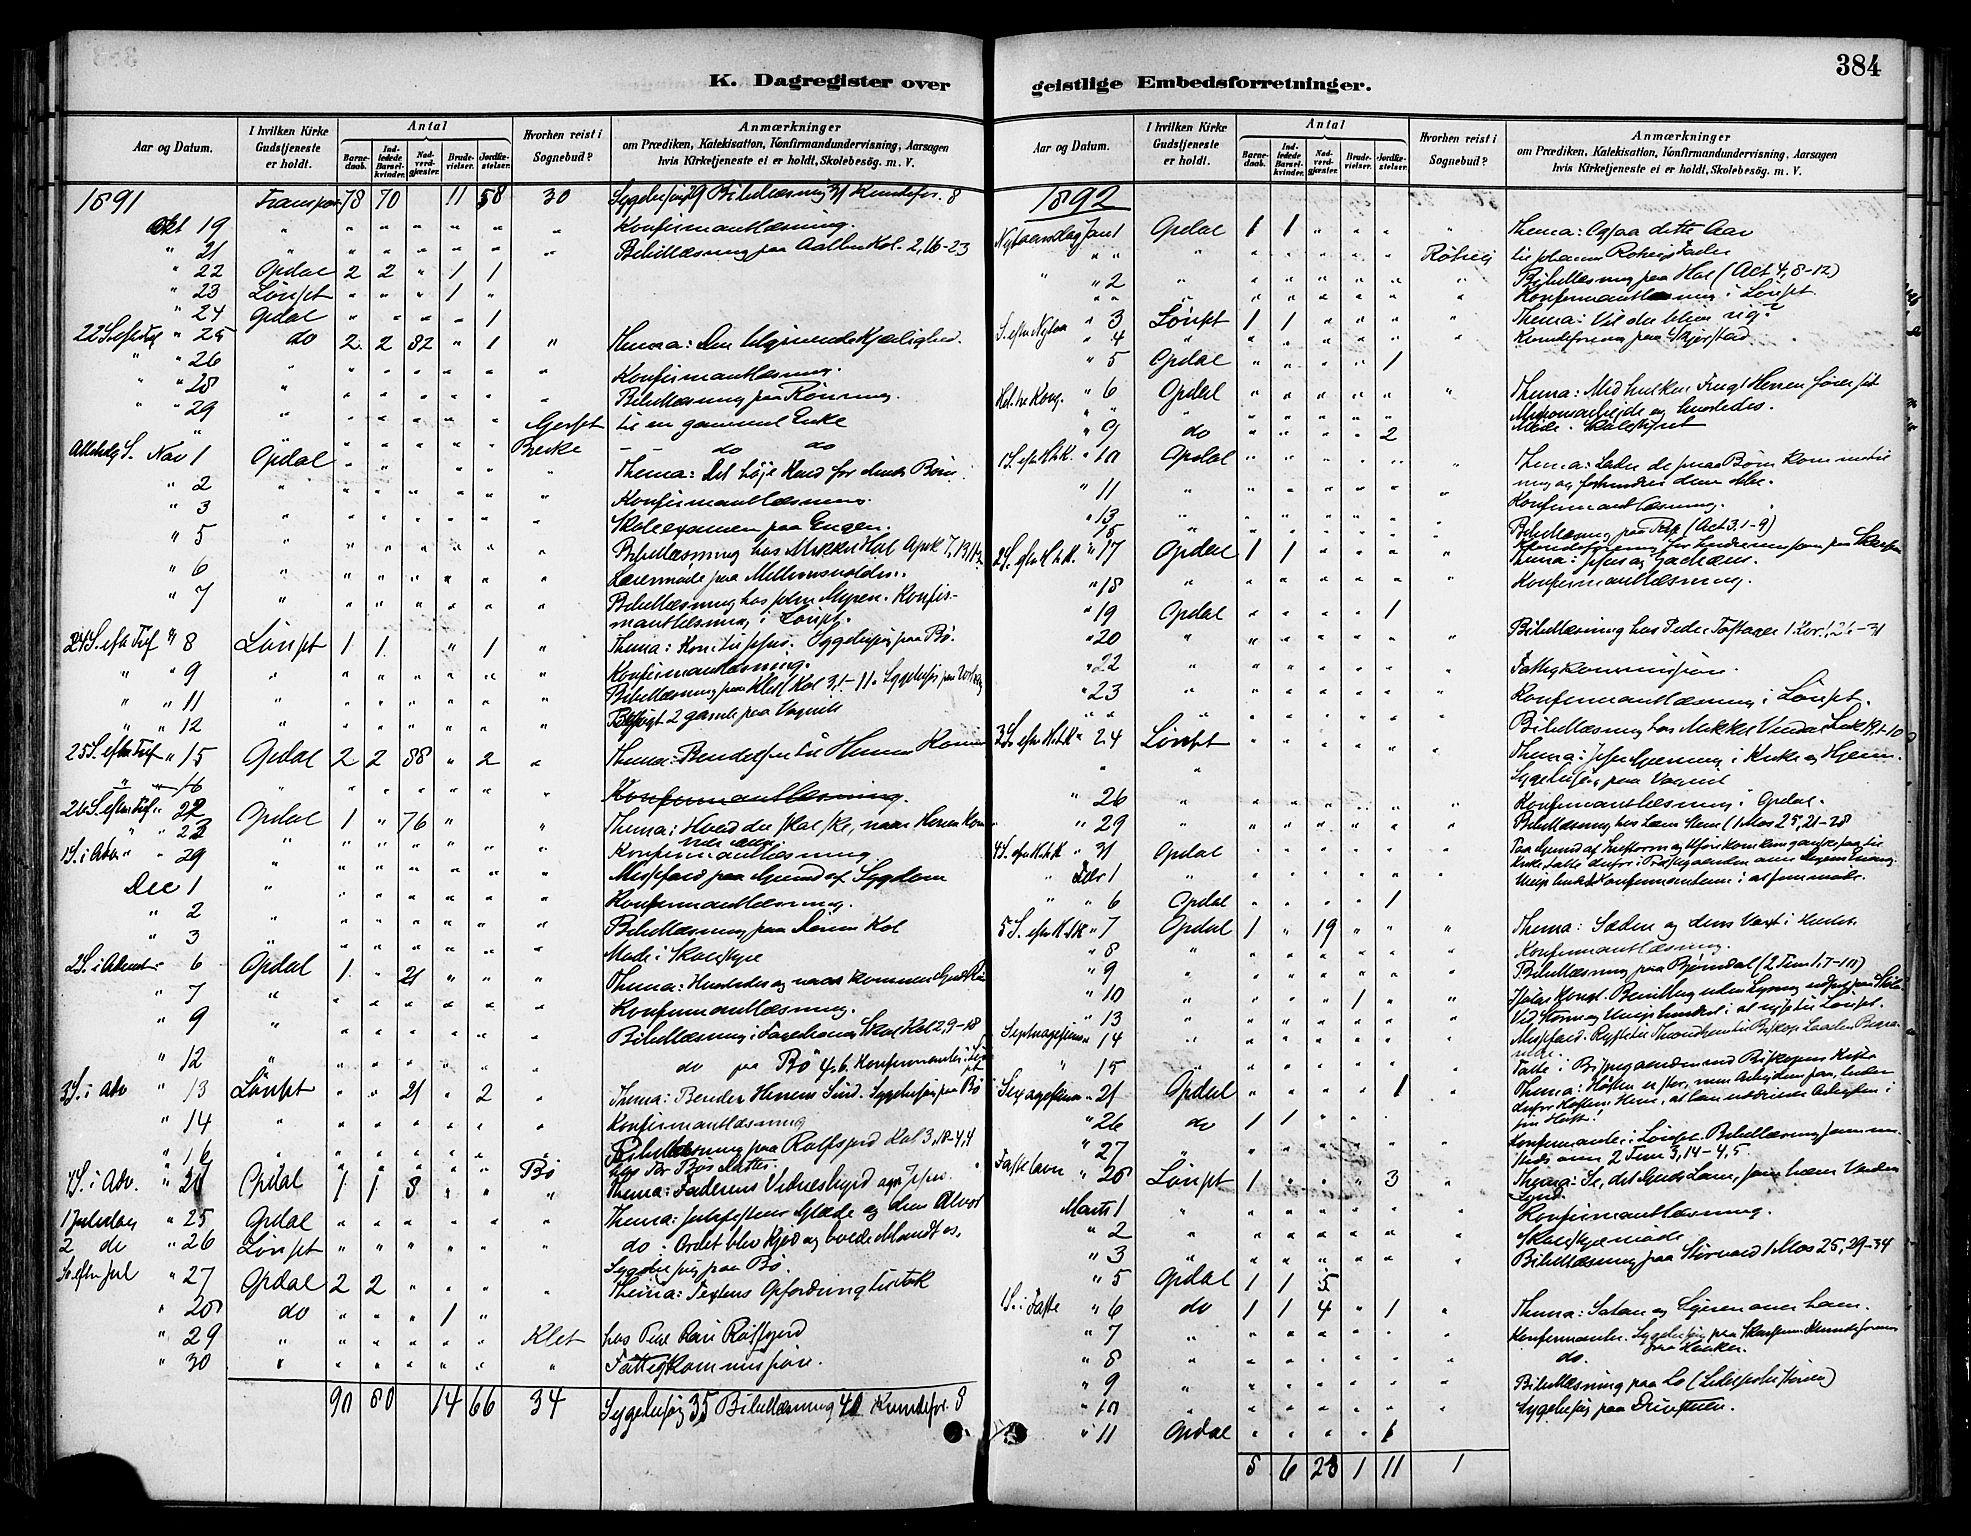 SAT, Ministerialprotokoller, klokkerbøker og fødselsregistre - Sør-Trøndelag, 678/L0901: Ministerialbok nr. 678A10, 1881-1894, s. 384